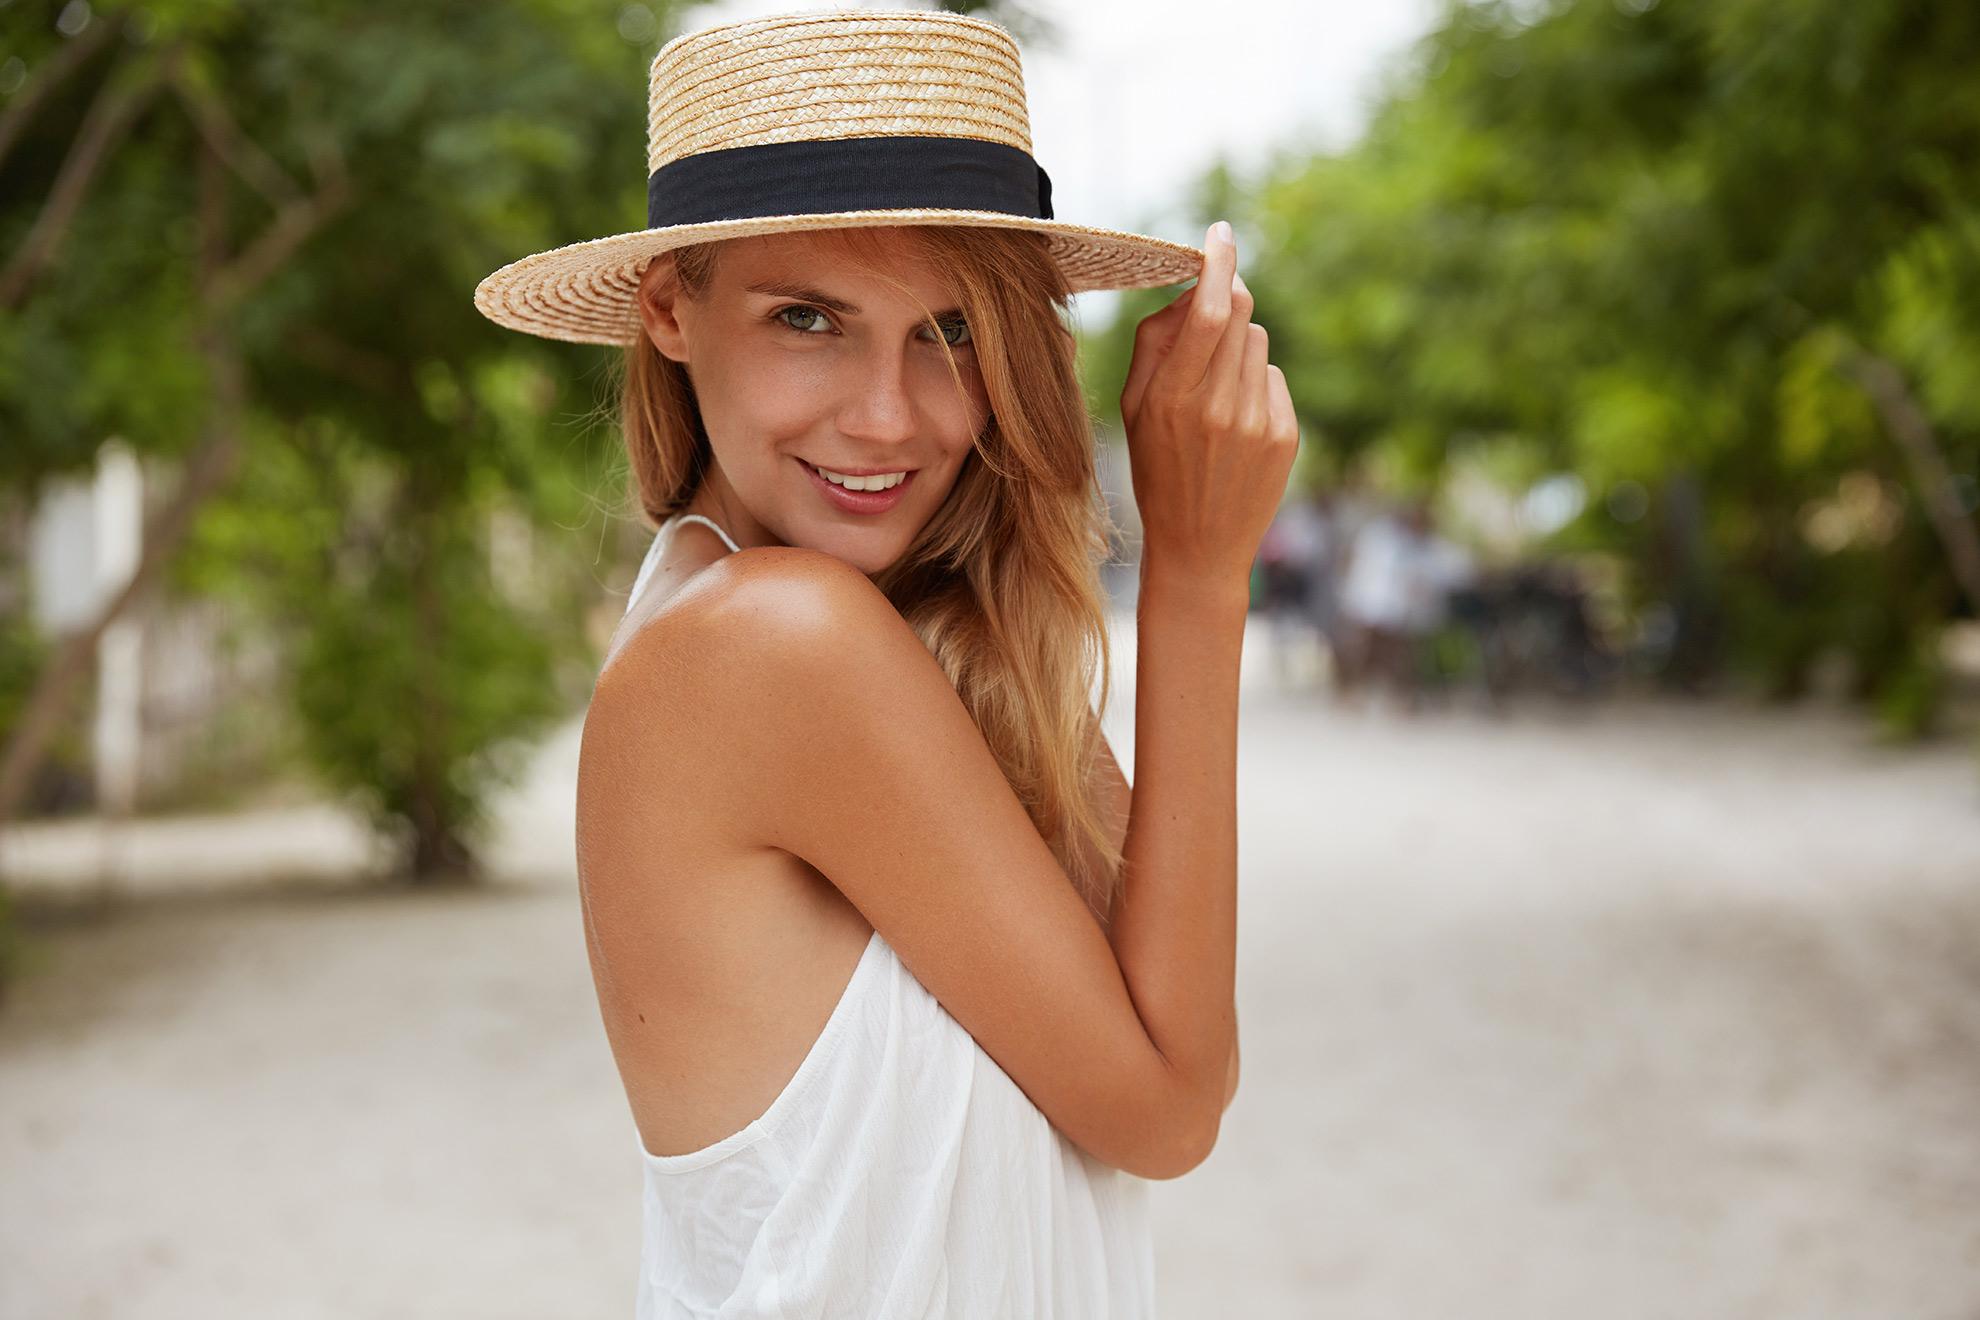 Kobieta w białej sukience i kapeluszu, ilustracja do artykułu o hitowych sukienkach